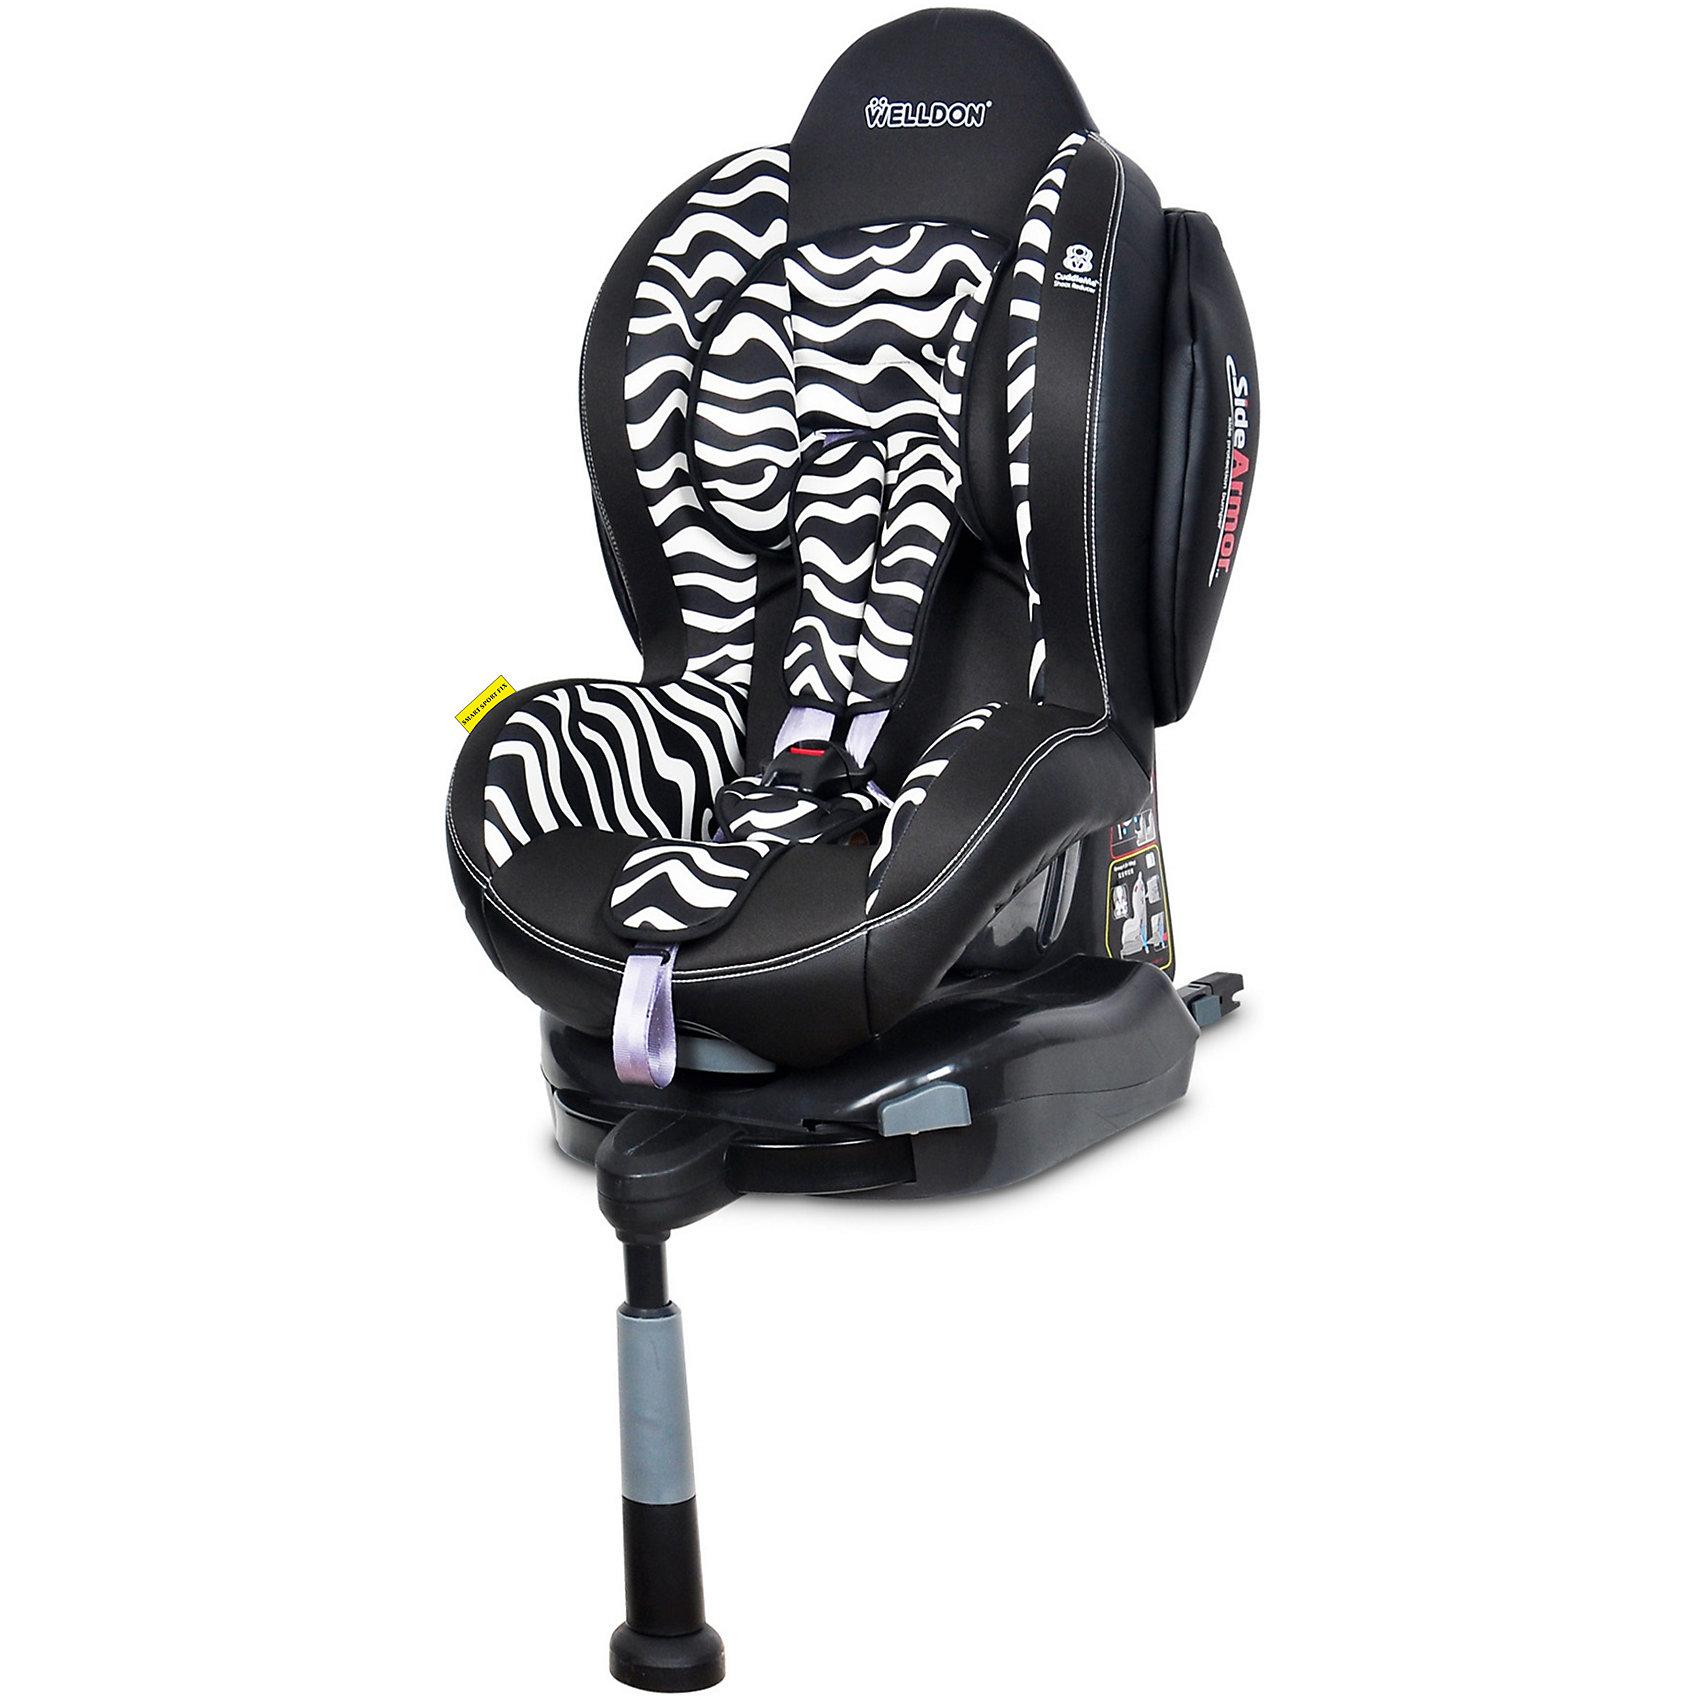 Автокресло Smart Sport SideArmor &amp; CuddleMe ISO-FIX, 9-18 кг., Welldon, ZebraАвтокресло Smart Sport SideArmor &amp; CuddleMe ISO-FIX, 9-18 кг., Welldon, Zebra<br>Автокресло Smart Sport SideArmor &amp; CuddleMe ISO-FIX от Welldon (Велдон) разработано для безопасной и комфортной перевозки детей весом от 9-ти до 18-ти кг. Цельнолитой корпус кресла, выполненный из ударостойкого пластика, и амортизирующие и энергорассеивающие боковые вставки обеспечивают максимальную защиту головы, грудного отдела и ног от возможного травмирования. Создатели достаточно тщательно продумали элементы кресла, оснастив его дополнительной боковой усиленной защитой SideArmor. Имеется особый энергопоглощающий вкладыш CuddleMe. Мягкий анатомический подголовник имеет дополнительные боковые «крылья», которые создают поддержку головы и шеи и усиливают защиту. Высота подголовника регулируется и кресло «растет» вместе с ребенком. Для обеспечения ребенку удобной посадки предусмотрена возможность наклона спинки (5 положений). Вы сможете поменять положение кресла, не разбудив при этом ребенка, так как кнопка регулировки расположена на передней панели. Съемный чехол из износостойкой «дышащей» ткани можно стирать в стиральной машине (деликатный режим) или вручную, не беспокоясь за выцветание и потерю мягкости материала. Благодаря воздухопроницаемым свойствам ткани обивки создается естественная вентиляция, необходимая для поддержания комфортного микроклимата. Кресло устанавливается в салон автомобиля лицом по направлению движения транспорта с помощью штатного ремня безопасности автомобиля и системы Isofix, которая надежно застрахует родителя от ошибок неправильного крепления. Дополнительно предусмотрен регулируемый упор в пол. Фиксация ребенка производится внутренними пятиточечными ремнями с мягкими накладками и удобной централизованной системой натяжения. Модель соответствует всем принятым нормам, что подтверждено сертификатом европейского стандарта ECE R44/04. Все материалы соответствуют требованиям п